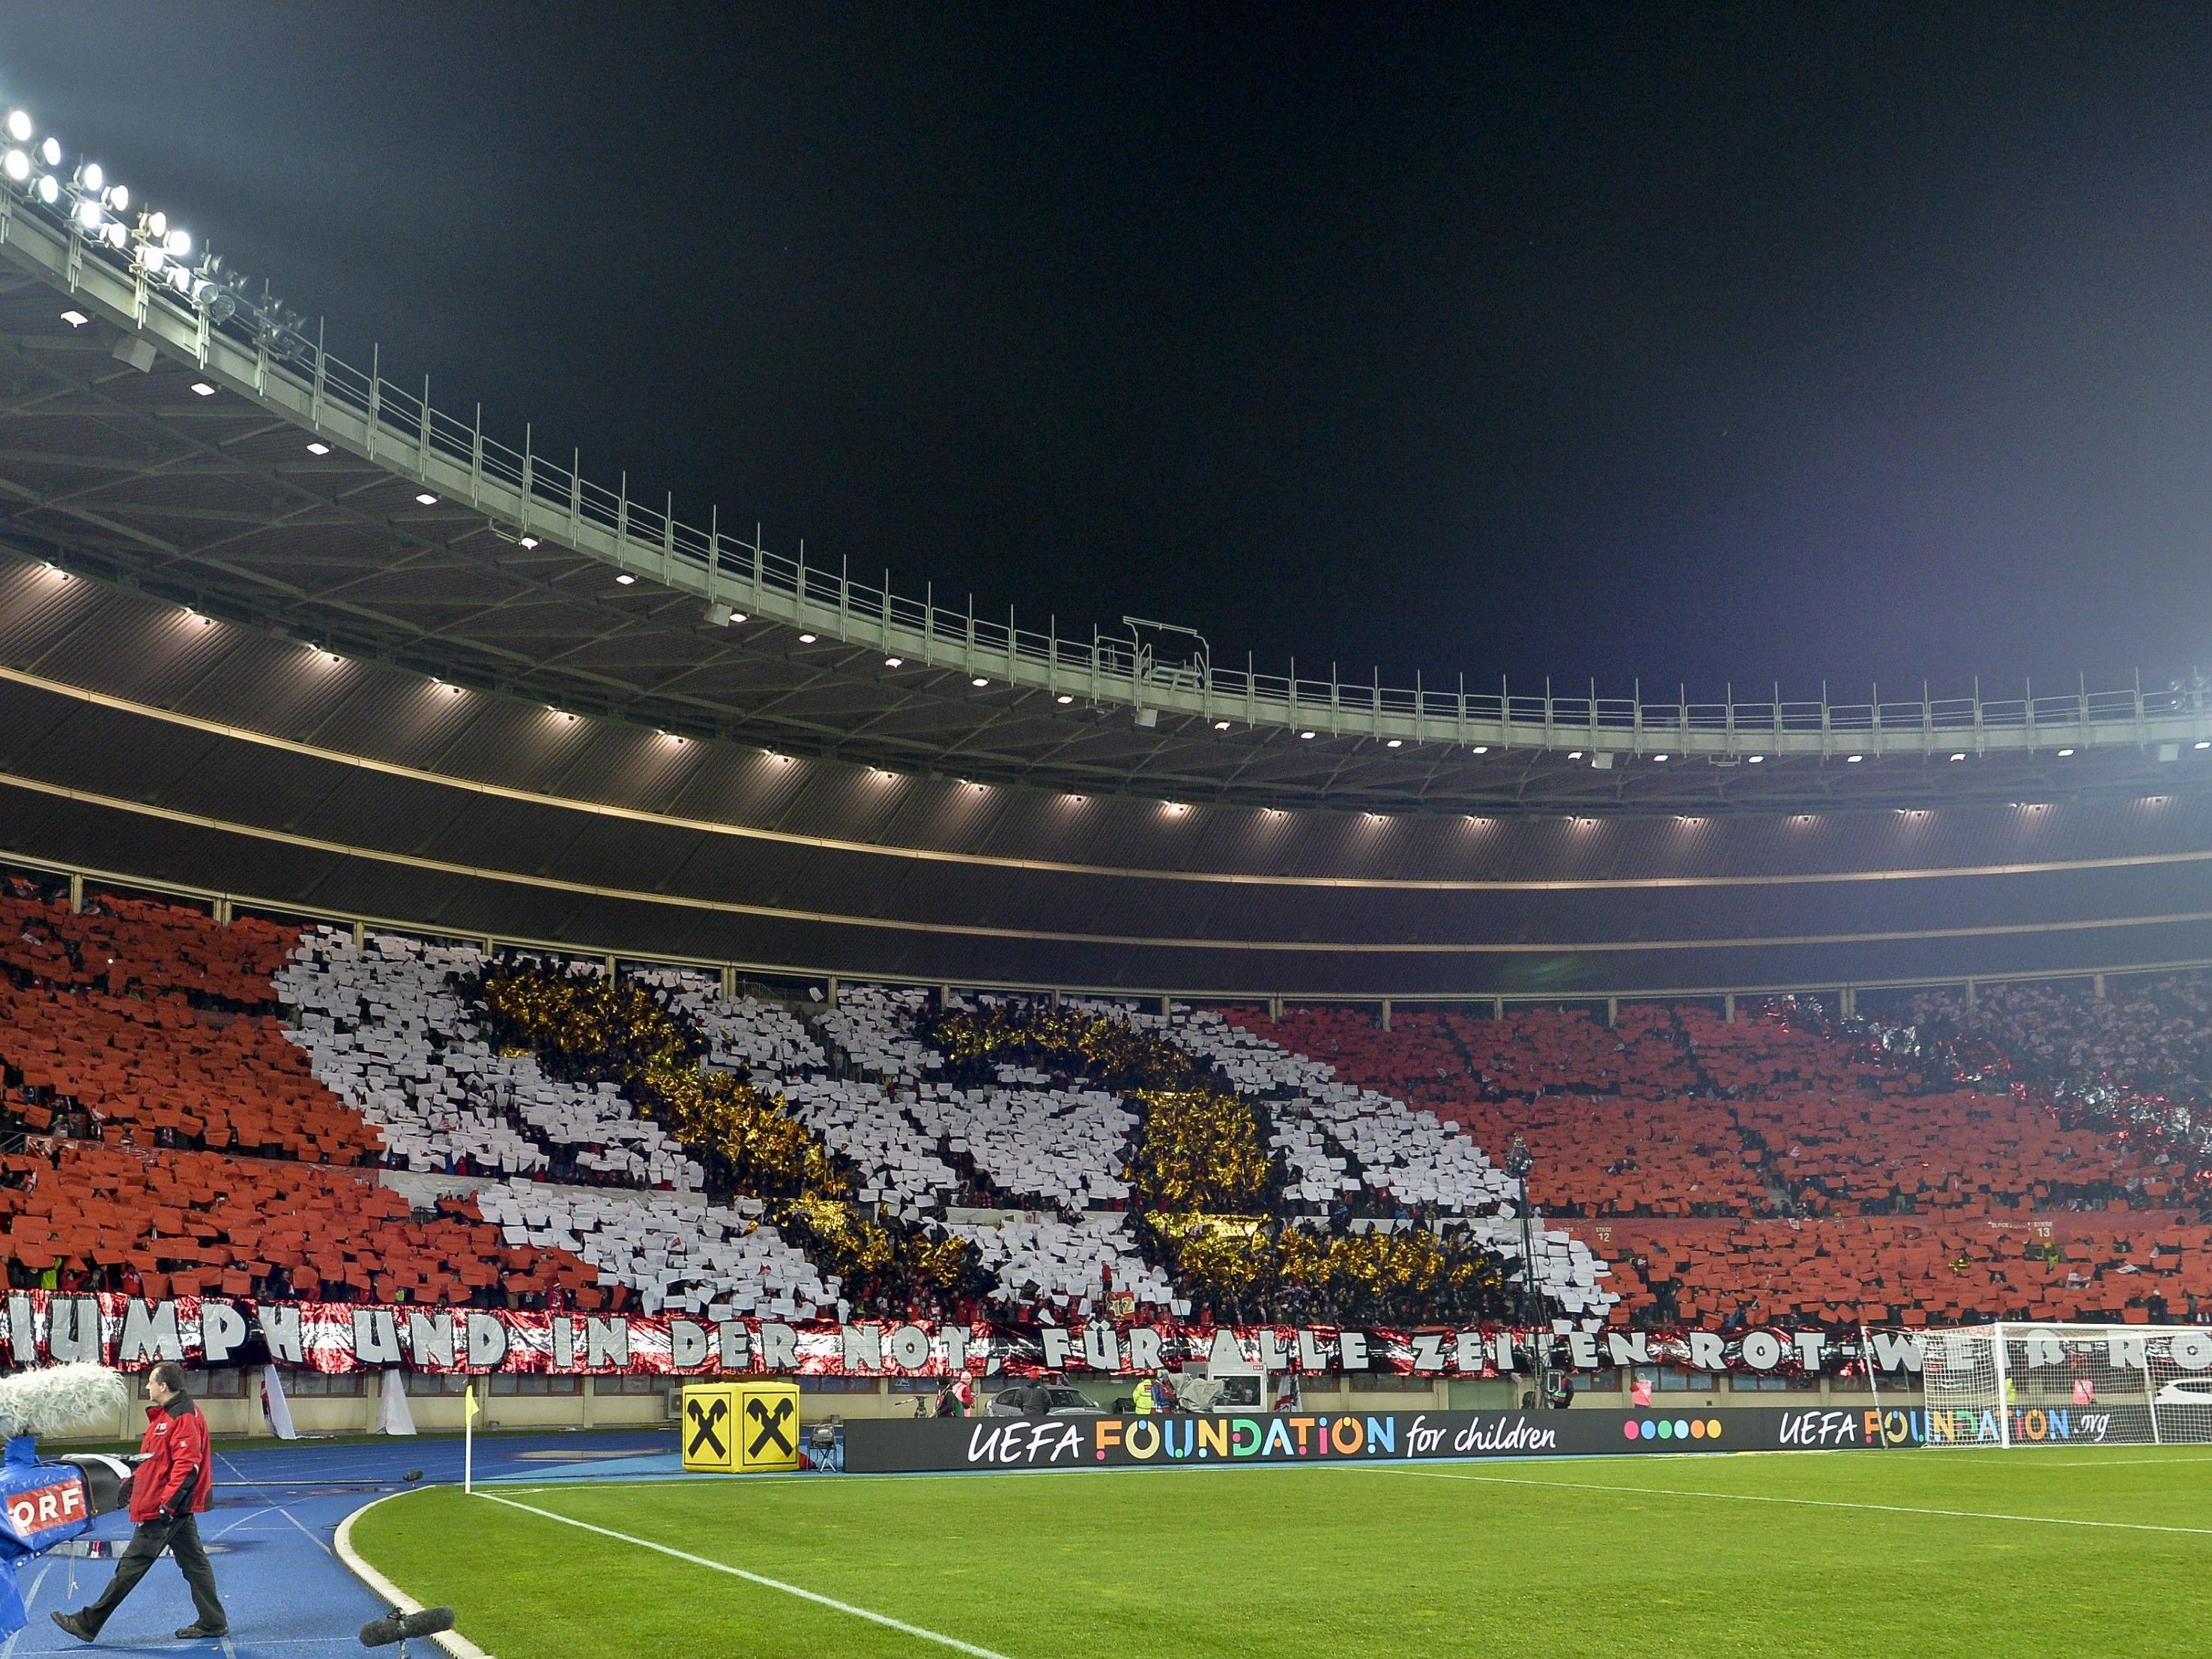 Am Freitag findet im Happel-Stadion das Länderspiel Österreich gegen Moldawien statt.